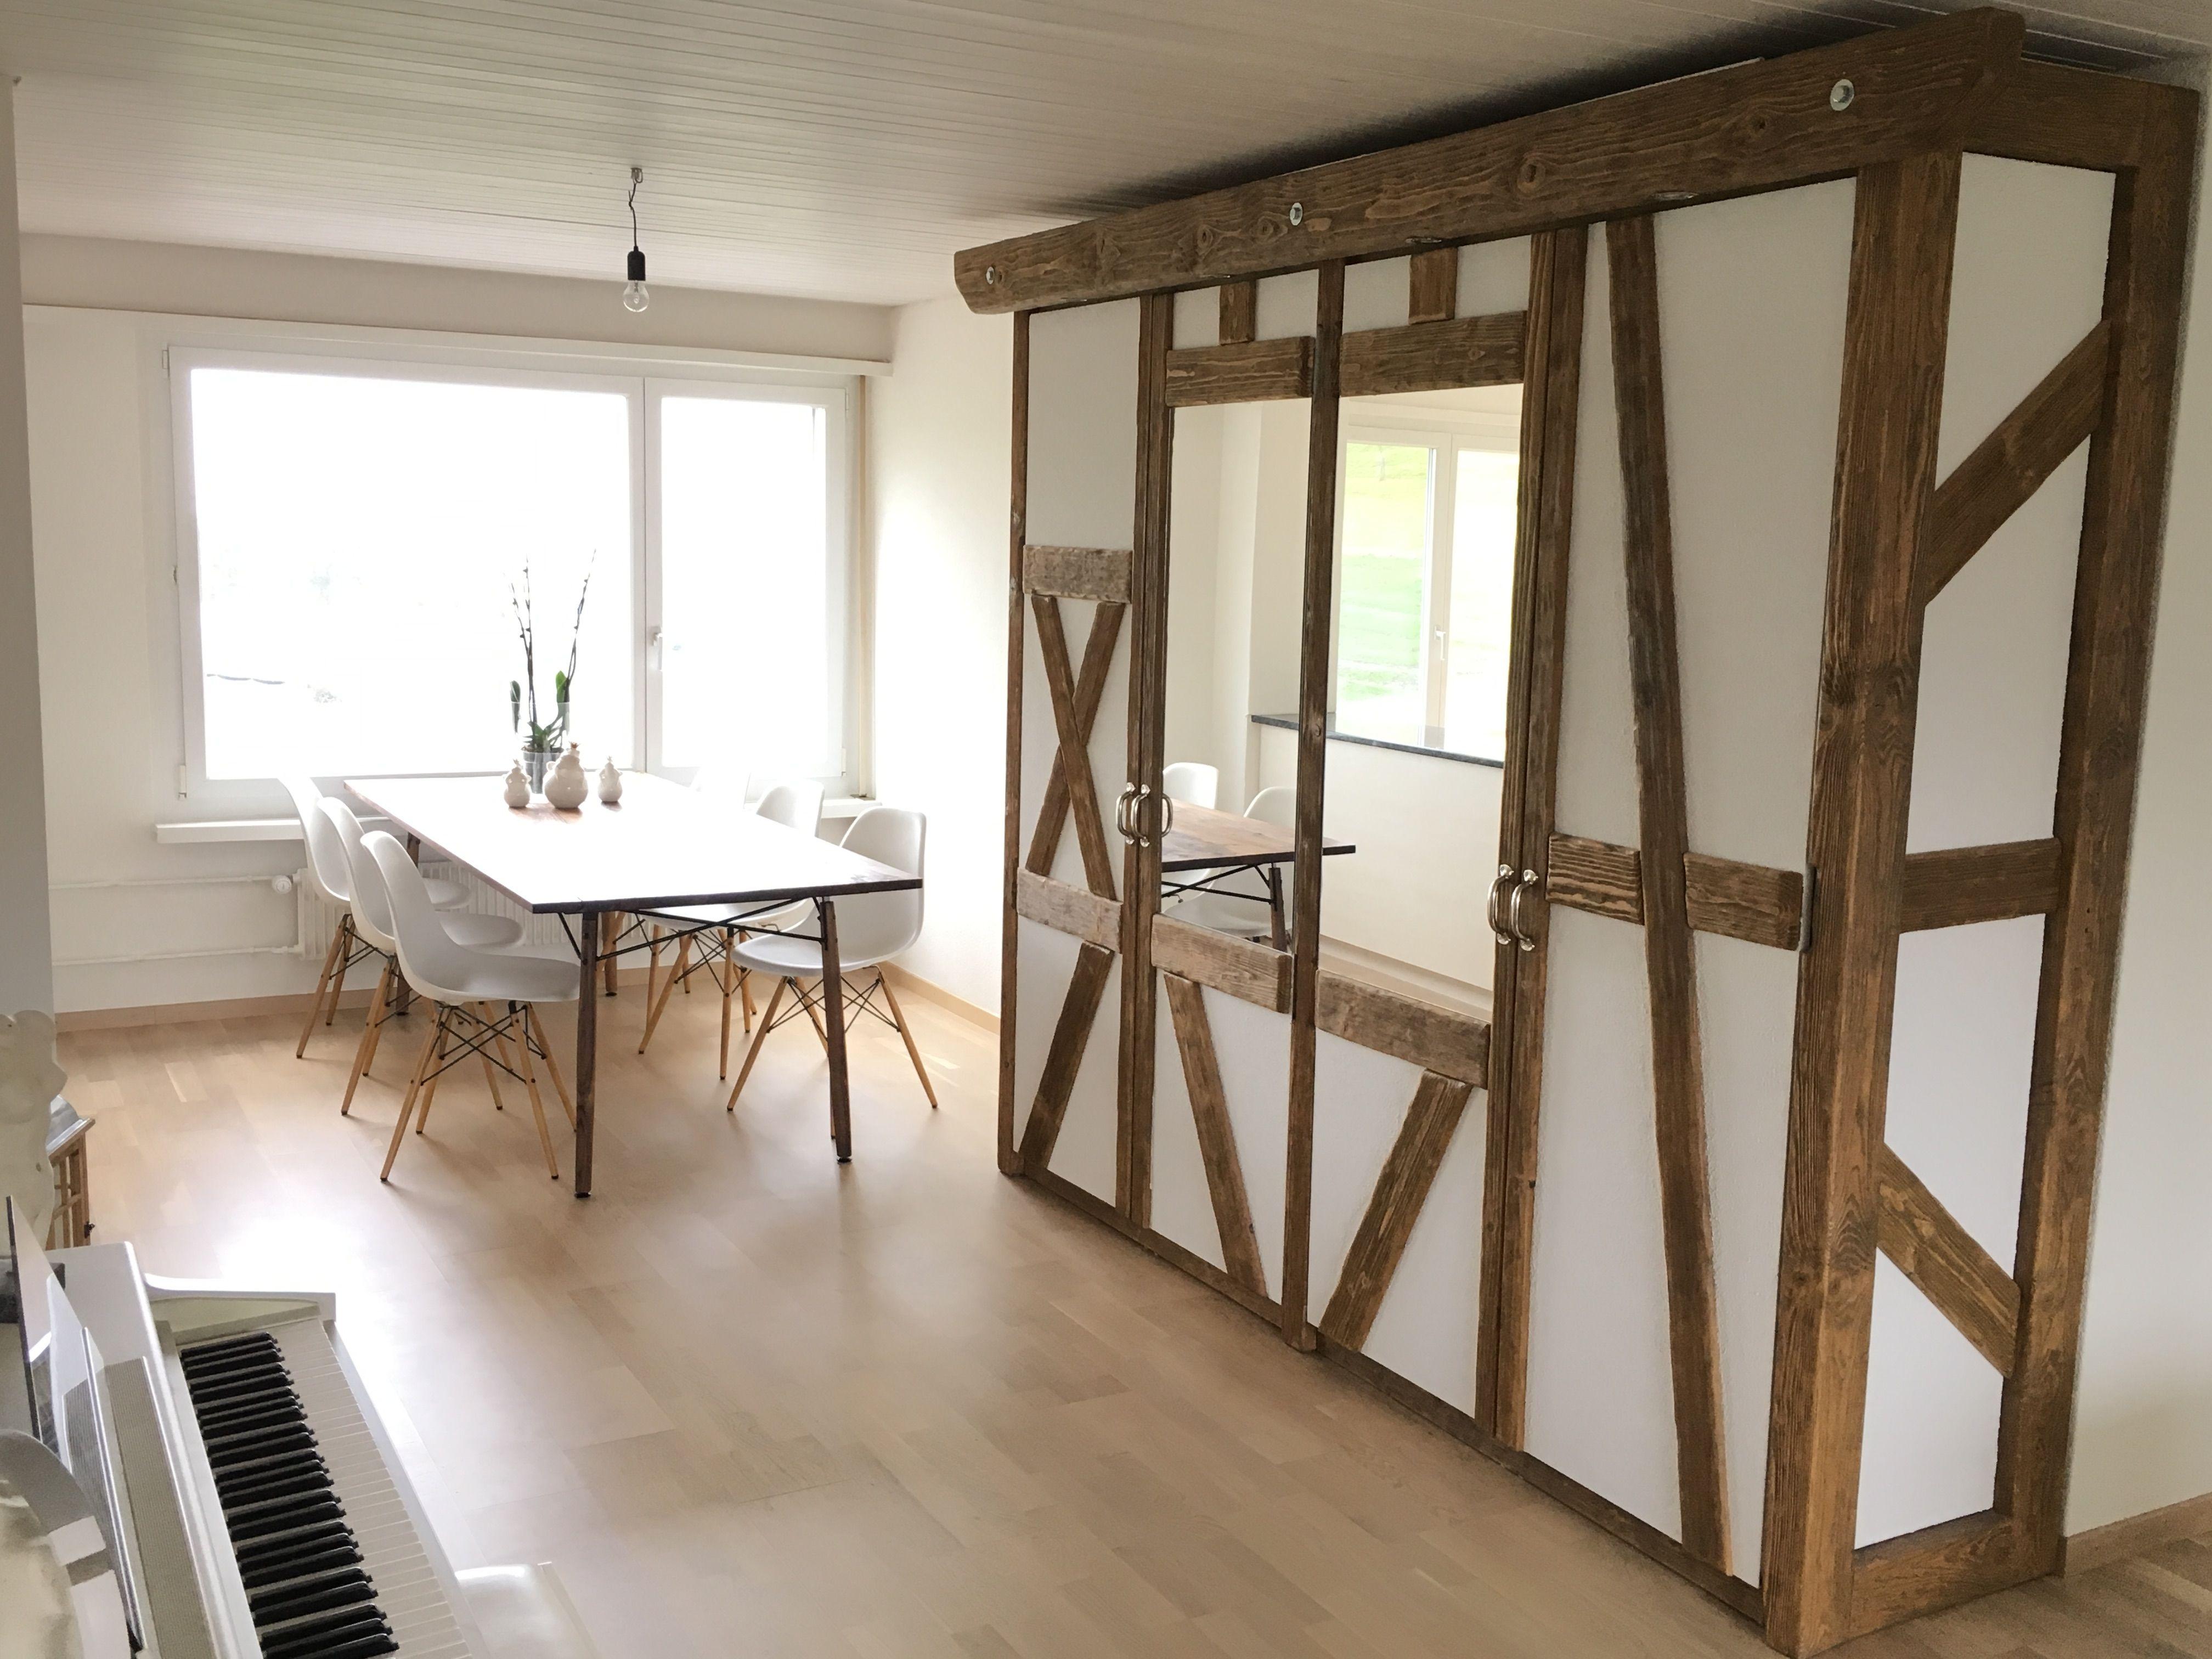 Wohnzimmer Stühle ~ Wohnzimmer design esstisch eames stühle schrank esszimmer